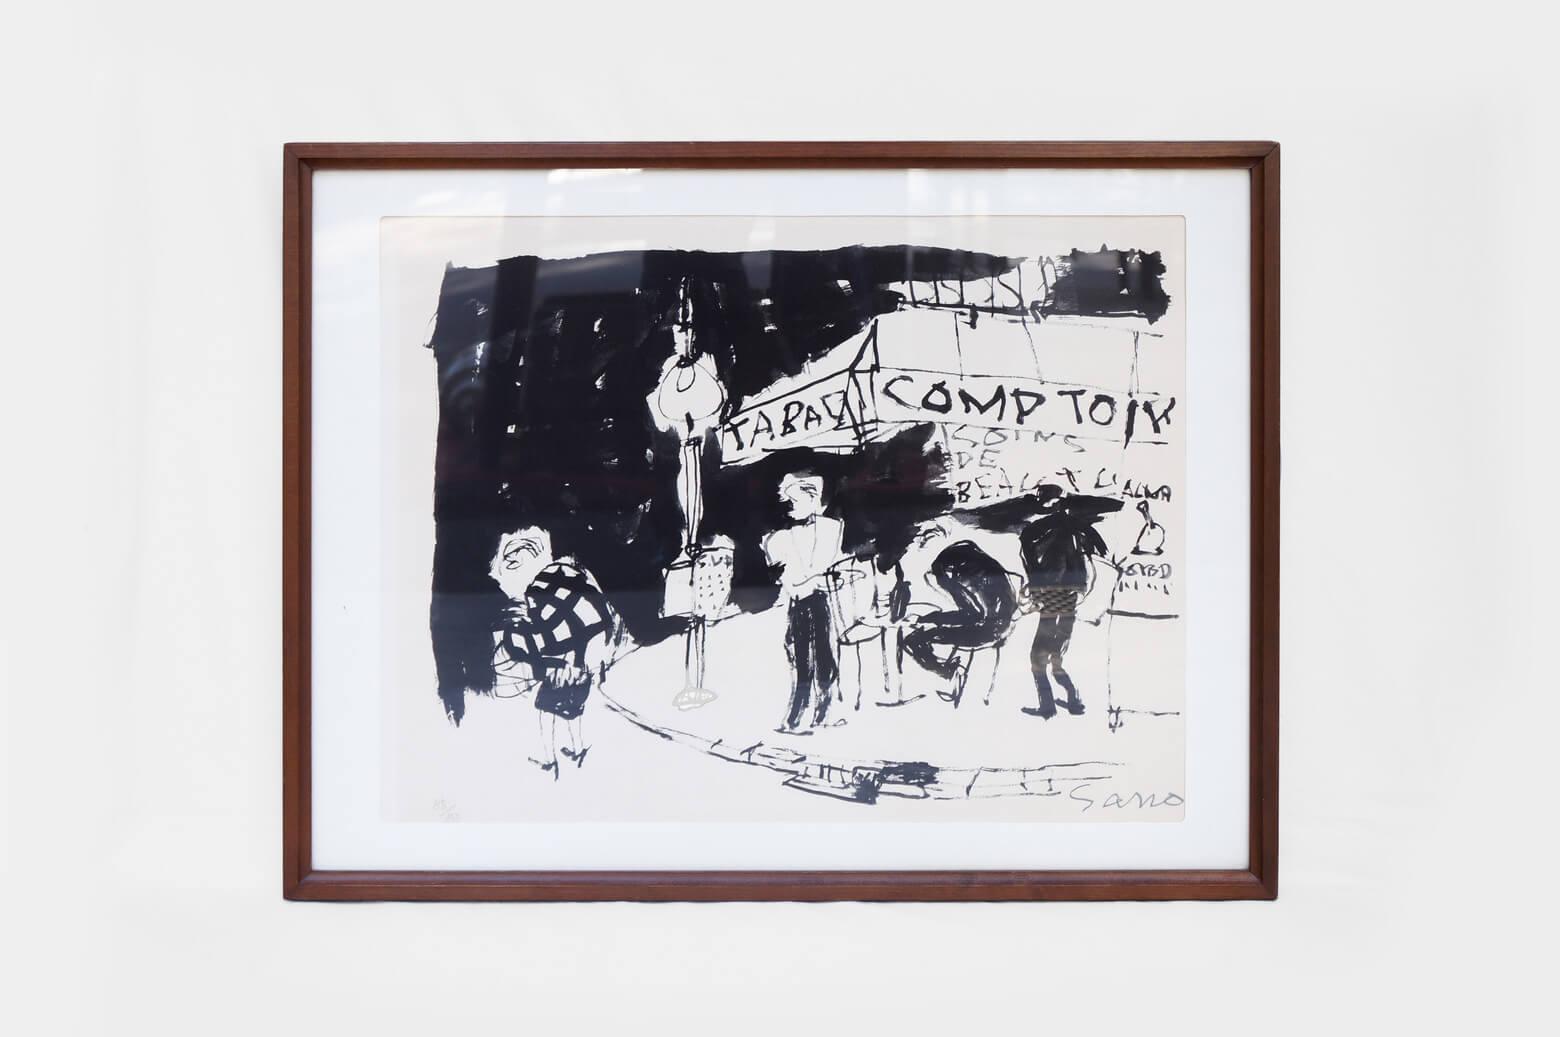 """昭和時代に活躍した洋画家、佐野繁次郎は1900年大阪で生まれました。 画家の小出楢重に師事し、信濃橋洋画研究所に学び二科展に出品。 1937年にはフランスへ渡り、アンリ・マティスに師事しています。 大胆な手書き文字や紙や布をキャンバスに貼りつけるパピエ・コレの技法を使った作品で知られ、昭和初期より小説家、横光利一の著作の挿絵や装丁を数多く手掛けました。 こちらのリトグラフは限定150部で制作された「パリの四季」。 四人の画家がそれぞれパリの四季を描いた作品であると思われます。 佐野繁次郎の作風である大胆で力強いタッチで白と黒のみで描かれた、秋のパリの街角。 決して派手な作品ではありませんが、独特な世界観を持つ彼のフィルターを通して描かれたパリの風景は見るものを一瞬で引き込んでしまう魅力を感じます。 彼のリトグラフはとても珍しく、更にこちらは貴重な本人のサイン入りです。 お探しの方はこの機会にぜひご検討くださいませ。 細かな傷や擦れがございますが、大きなダメージはございません。 直筆サインと85/150のシリアルナンバー入りです。 書籍や雑誌の装丁を数多く手掛け、また、パピリオ化粧品の重役に就きパッケージデザインや広告デザインを担当していたことでも知られています。 のびのびと大胆に描かれた手書き文字は、""""味がある文字""""なんていう言葉では表現しきれません。 彼が装丁を手掛けた書籍をコレクションするほど、彼の世界観に魅了されている人も多いのだとか… ~【東京都杉並区阿佐ヶ谷北アンティークショップ 古一】 古一/ふるいちでは出張無料買取も行っております。杉並区周辺はもちろん、世田谷区・目黒区・武蔵野市・新宿区等の東京近郊のお見積もりも!ビンテージ家具・インテリア雑貨・ランプ・USED品・ リサイクルなら古一/フルイチへ~"""